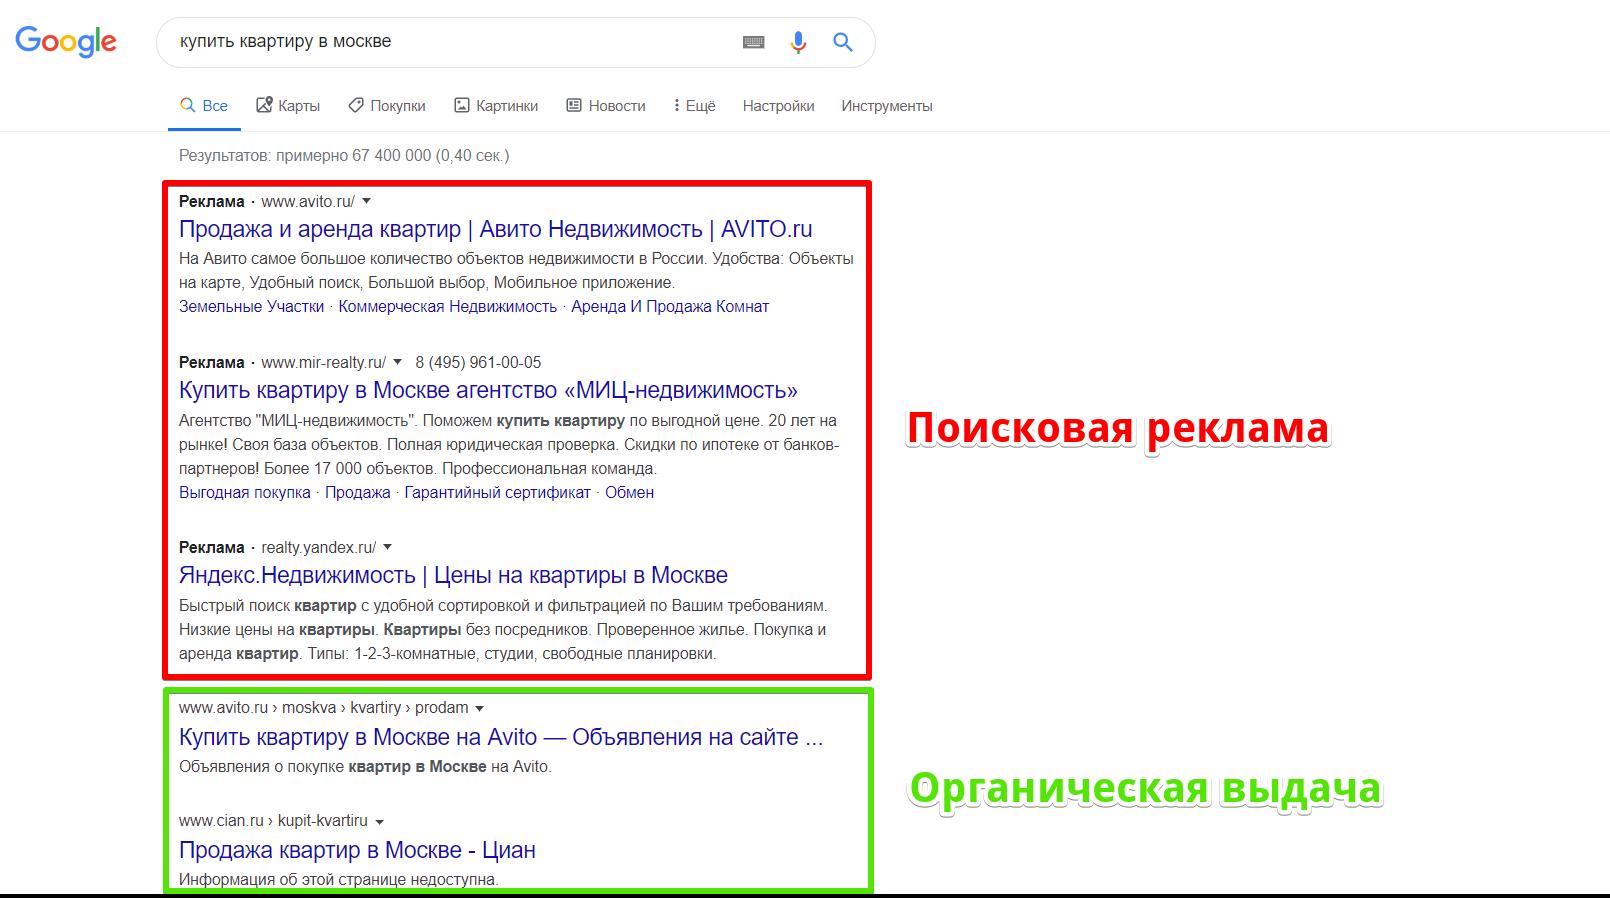 Поисковая контекстная реклама в Google